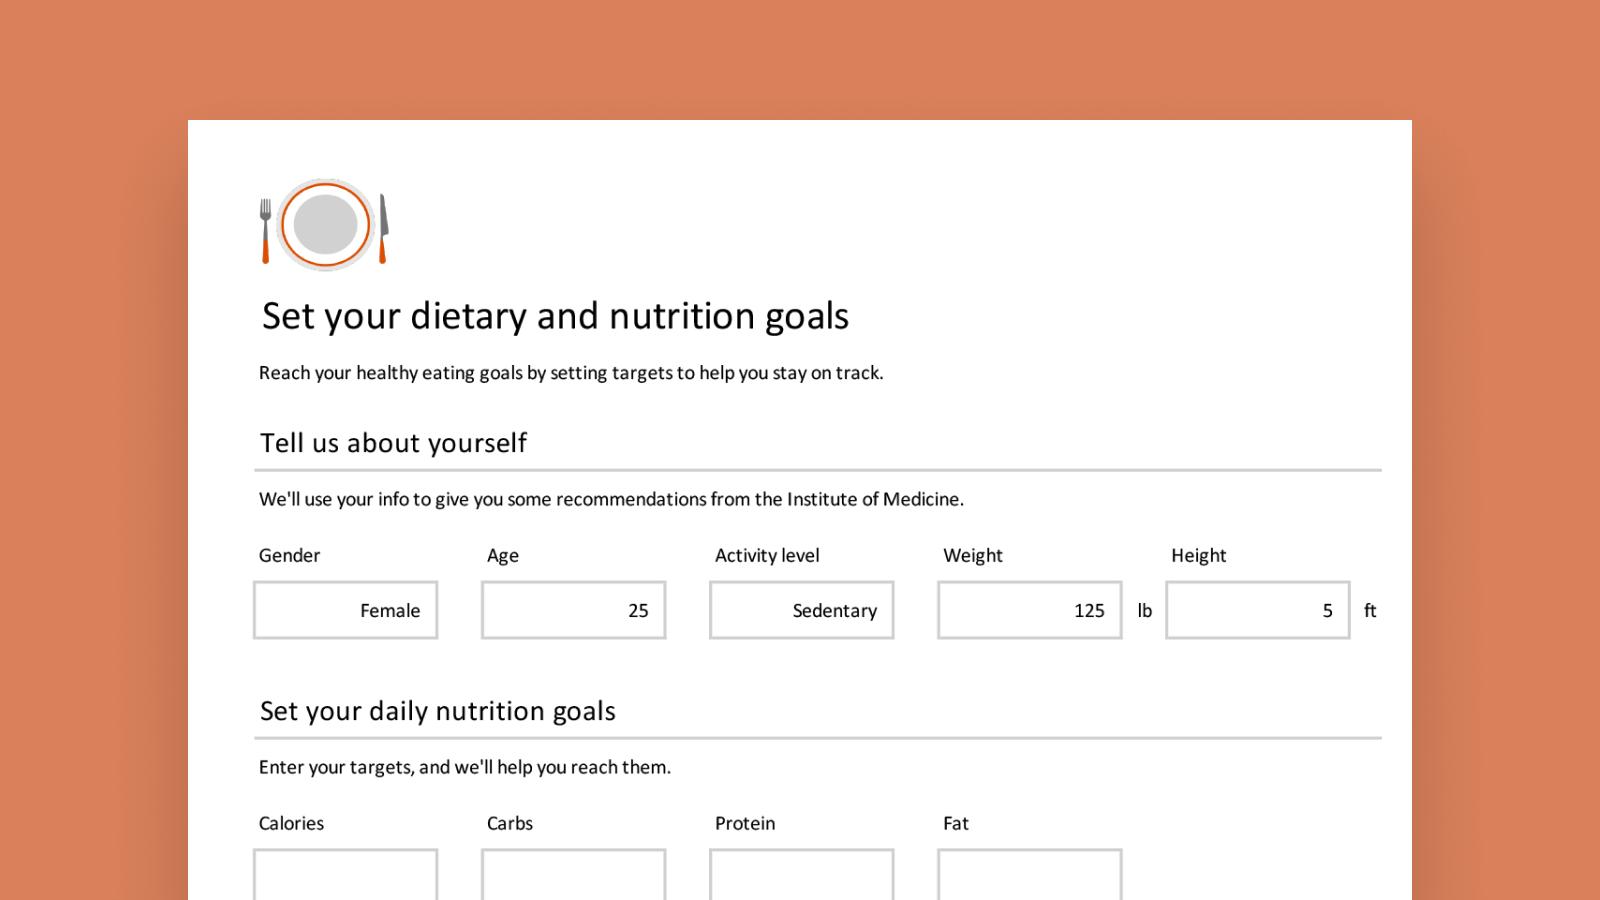 Snímek obrazovky s inteligentní šablonou Sledování nutričních údajů.